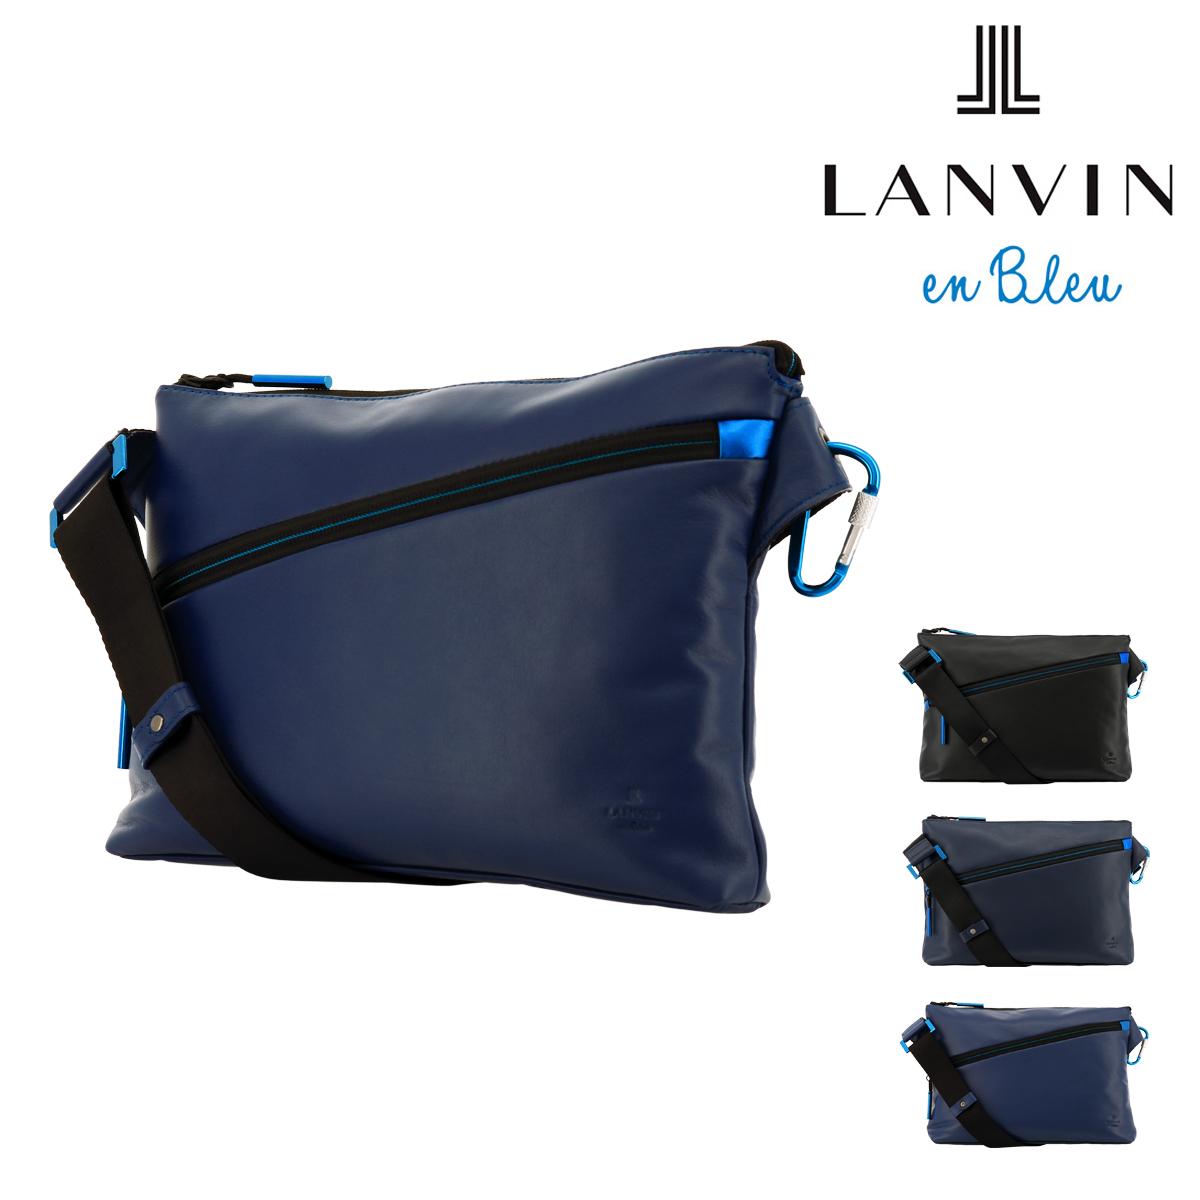 ランバンオンブルー ショルダーバッグ アルマイト メンズ554102 LANVIN en Bleu | 斜めがけ サコッシュ 本革 牛革 レザー[PO10][即日発送]